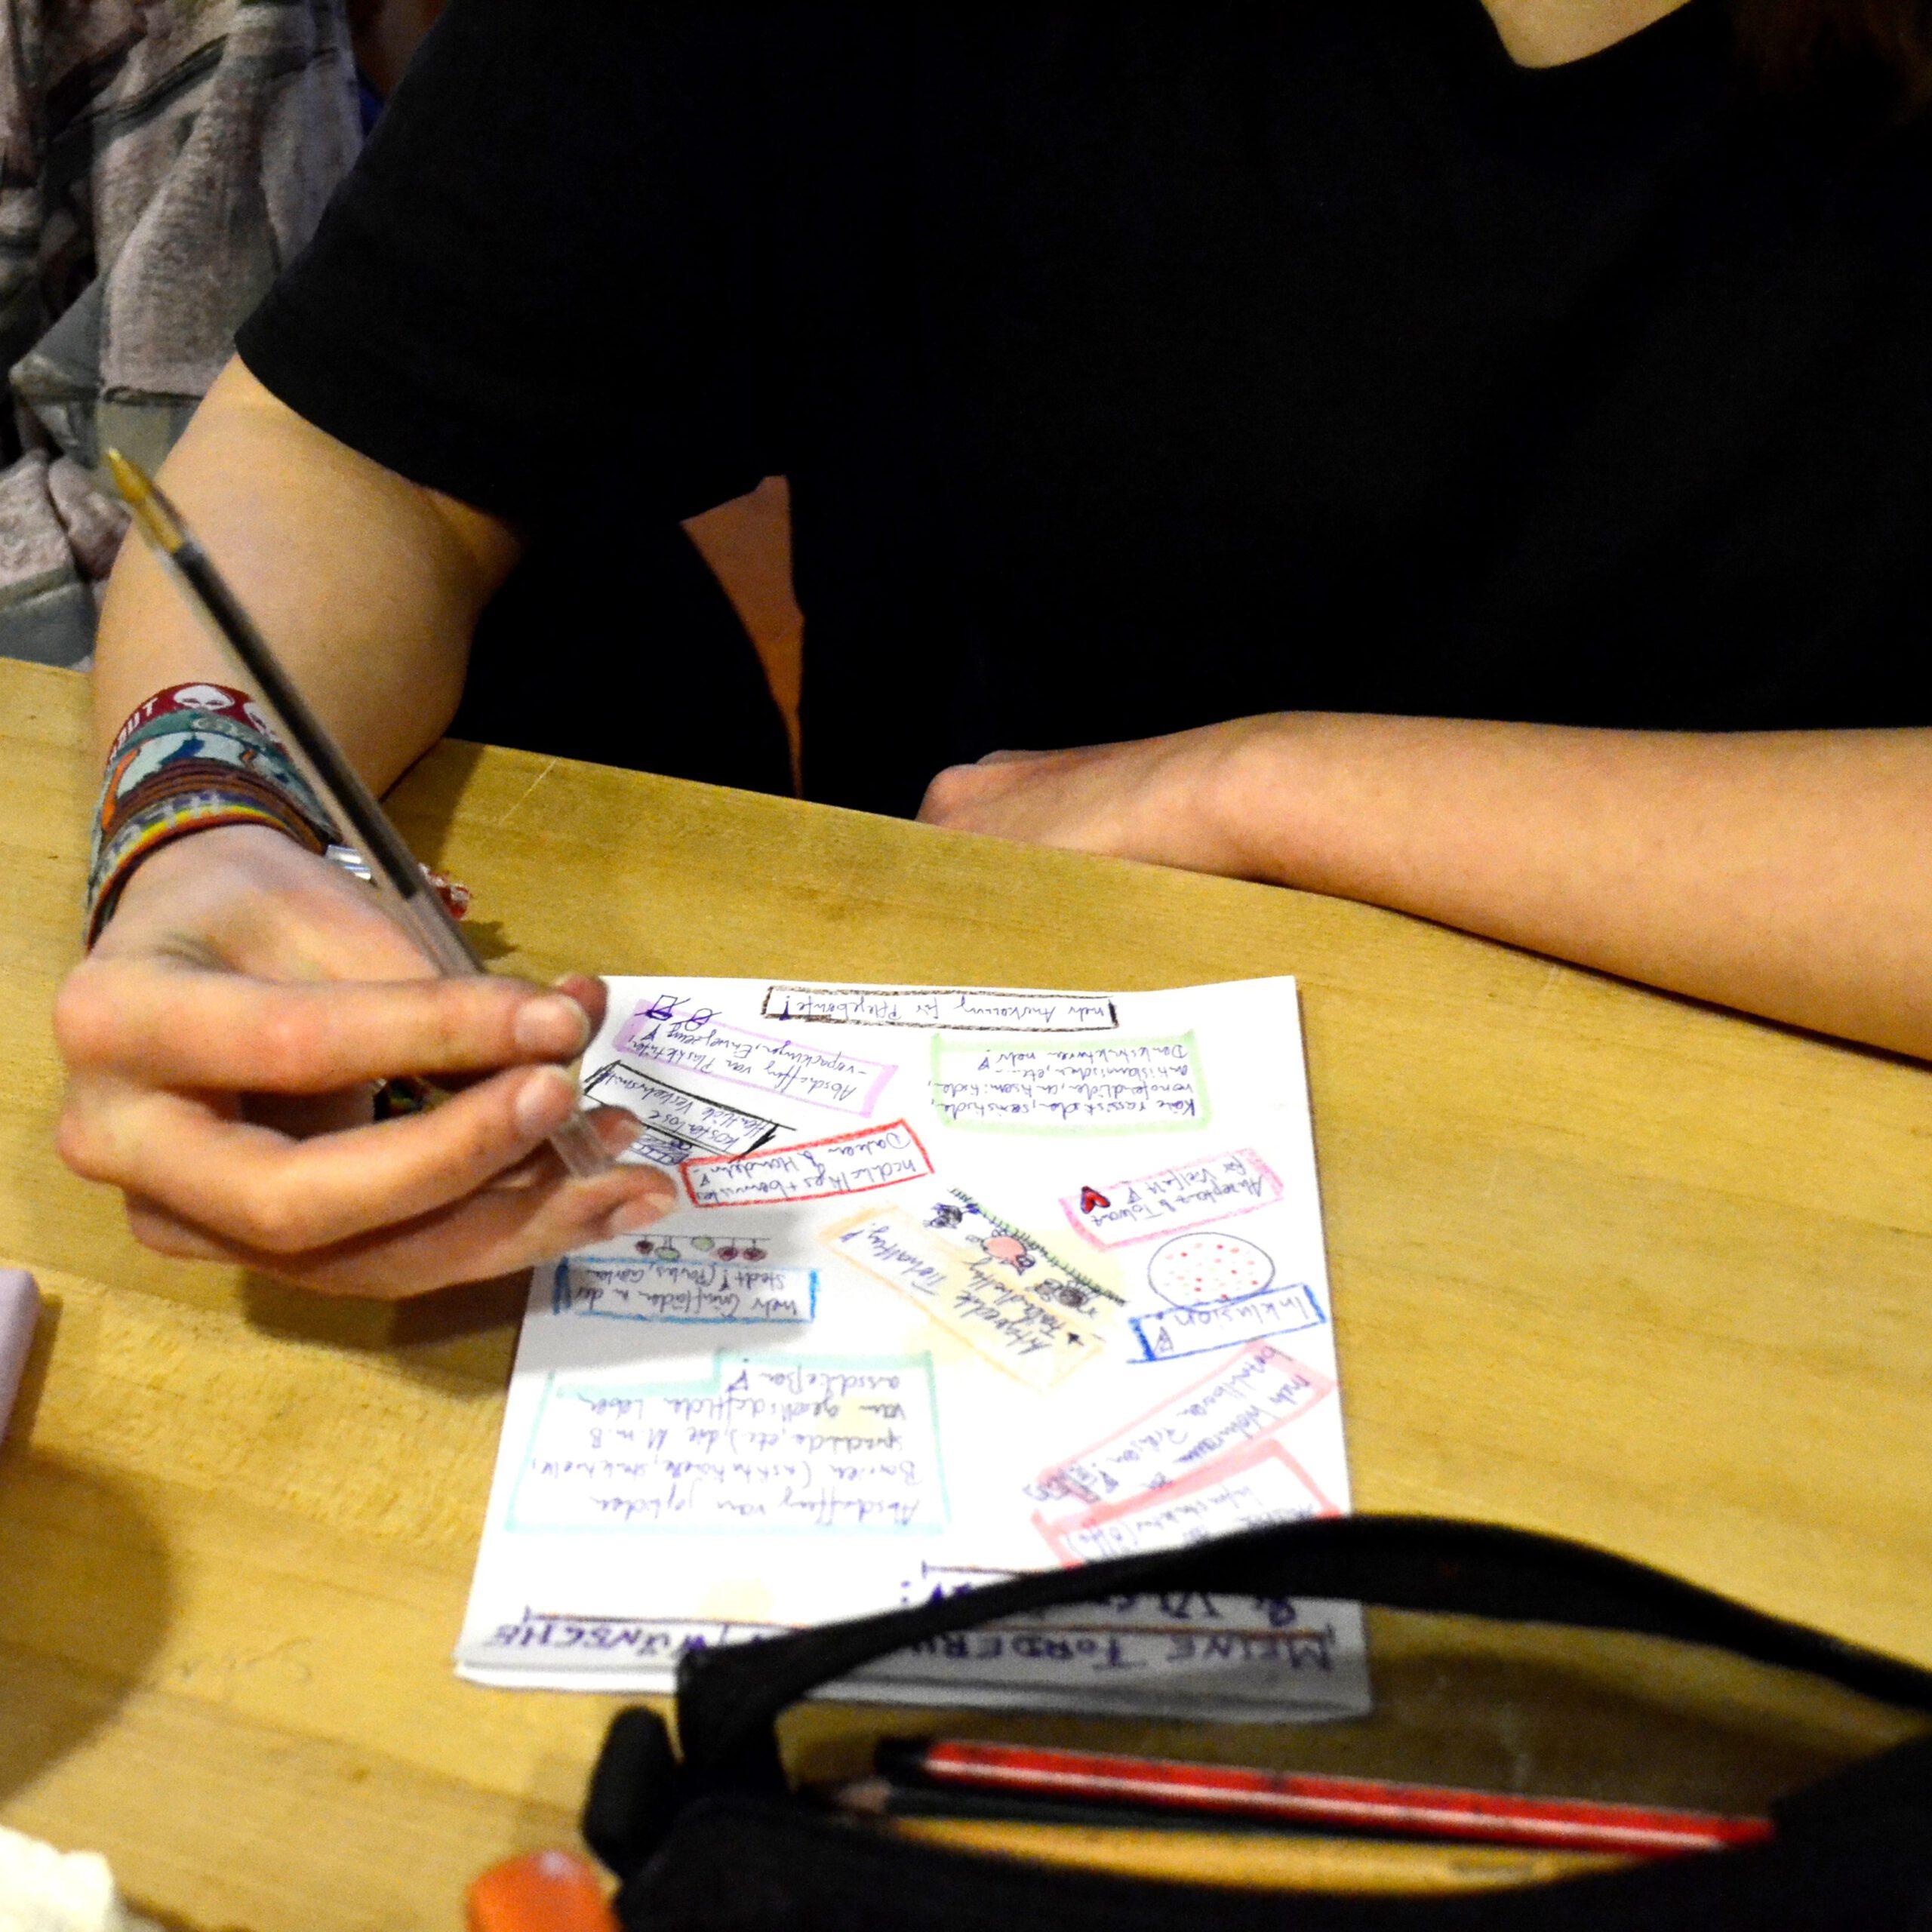 Auf dem Bild ist eine nicht vollständig zu sehende Person abgebildet. Die Person hält einen Stift in der Hand und zeichnet auf ein bemaltes Papier. Im Vordergrund liegt ein offenes Federmäppchen. © Servicestelle e.V., 2019